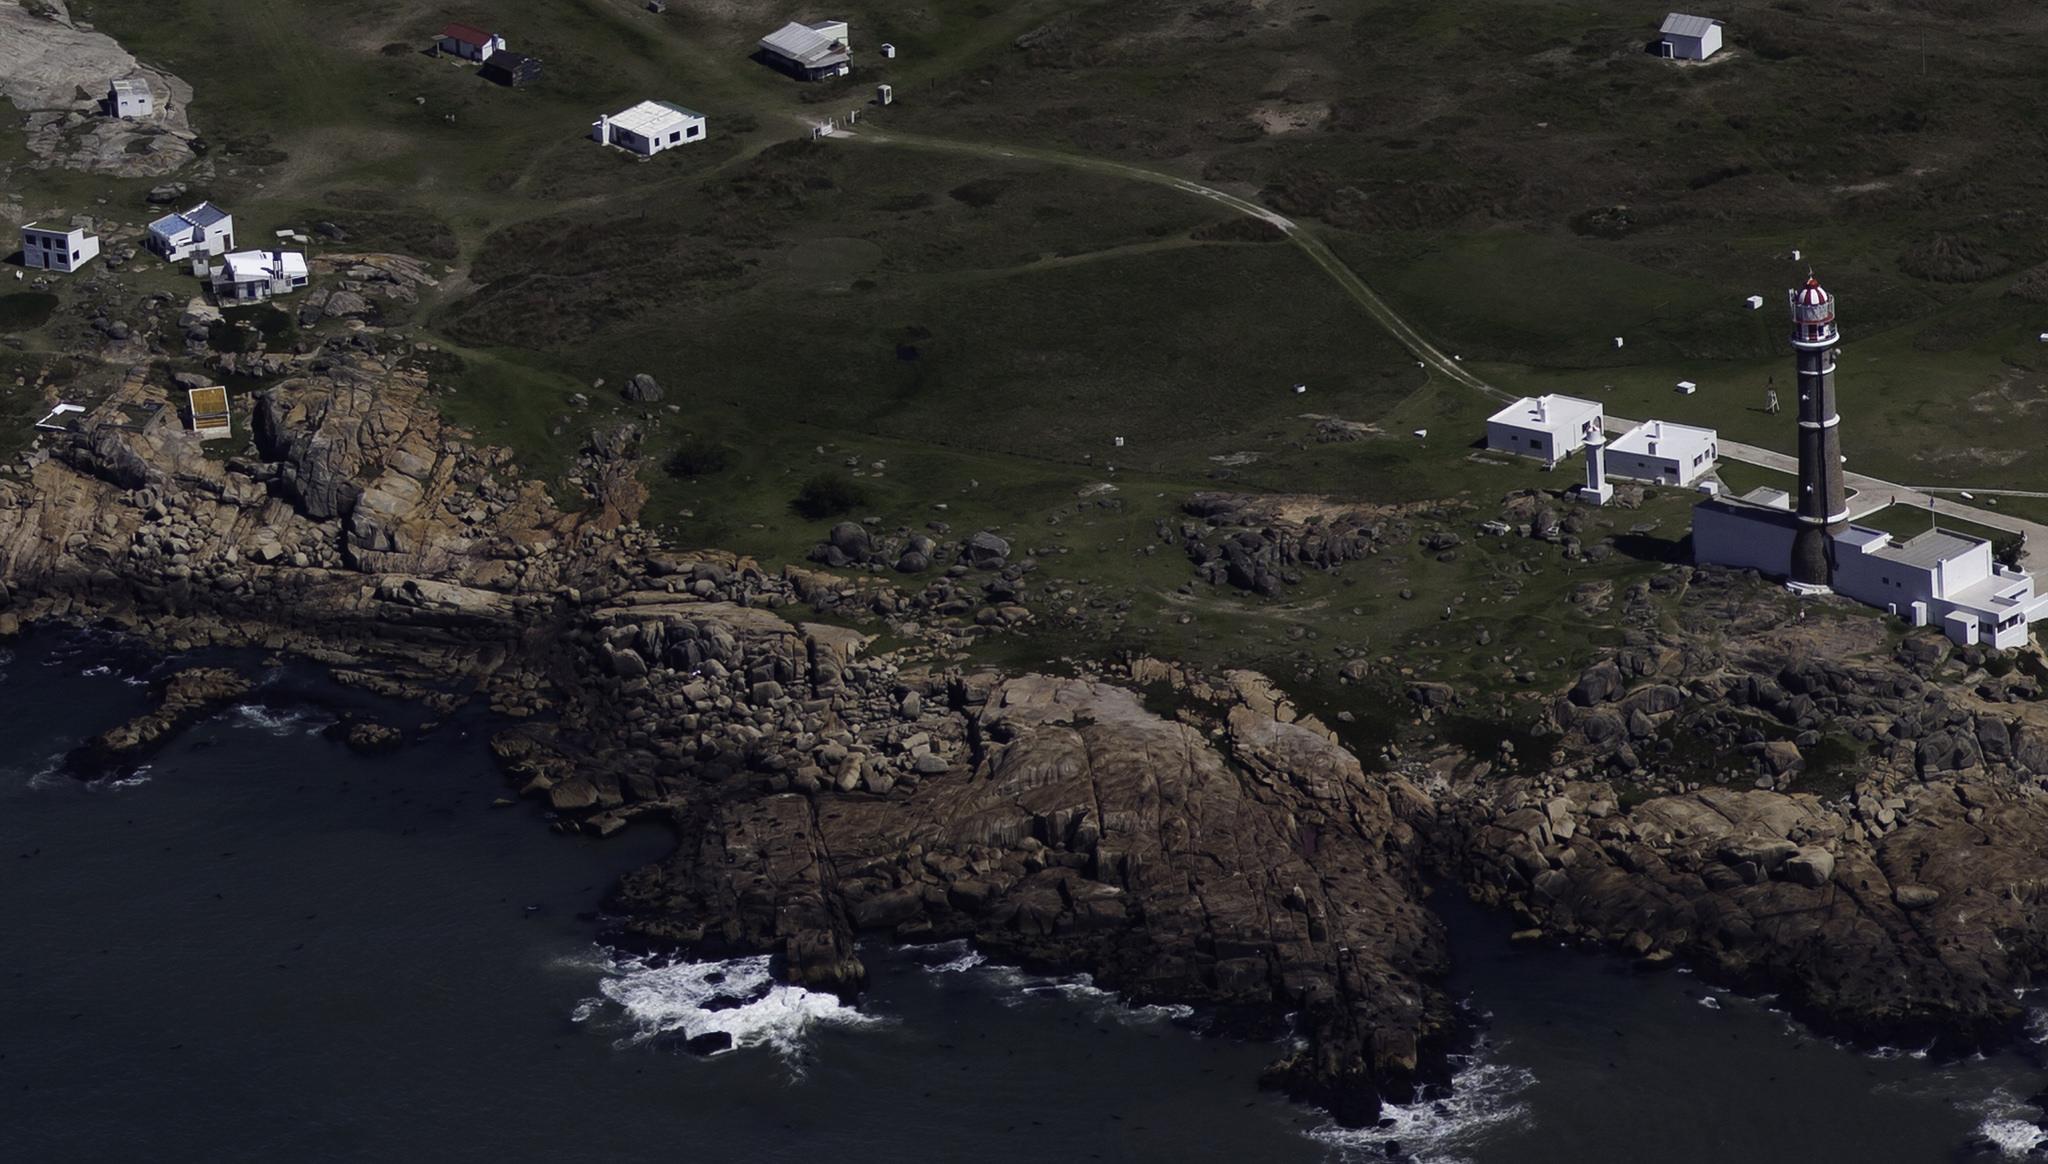 Vista aérea del faro de Cabo Polonio y algunas casas del área rocosa de la costa. Foto: Jimmy Baikovicius / Flickr